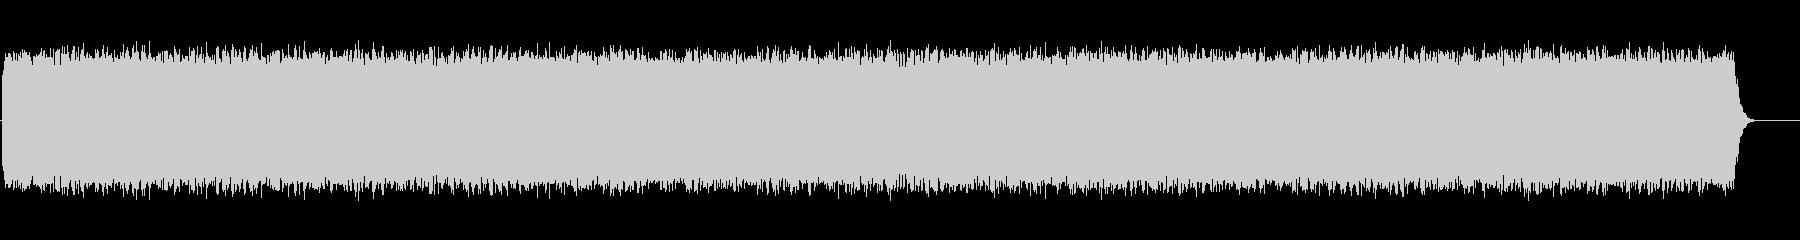 [電気] ビリビリ感電 pat_B 高めの未再生の波形